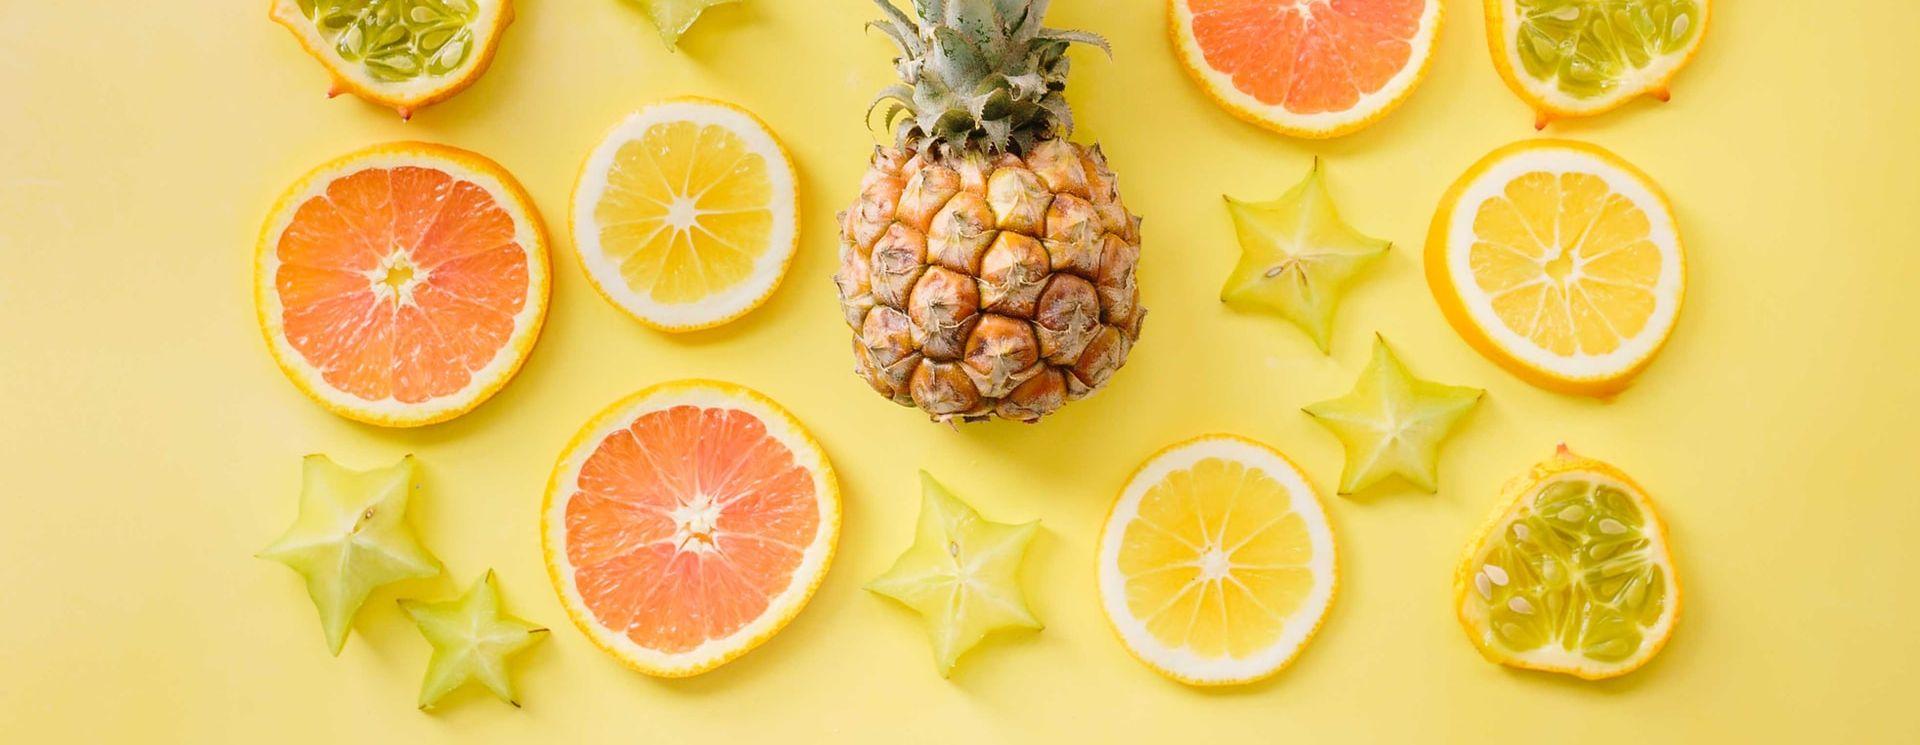 15 alimentos que sirven como laxante natural - Featured image